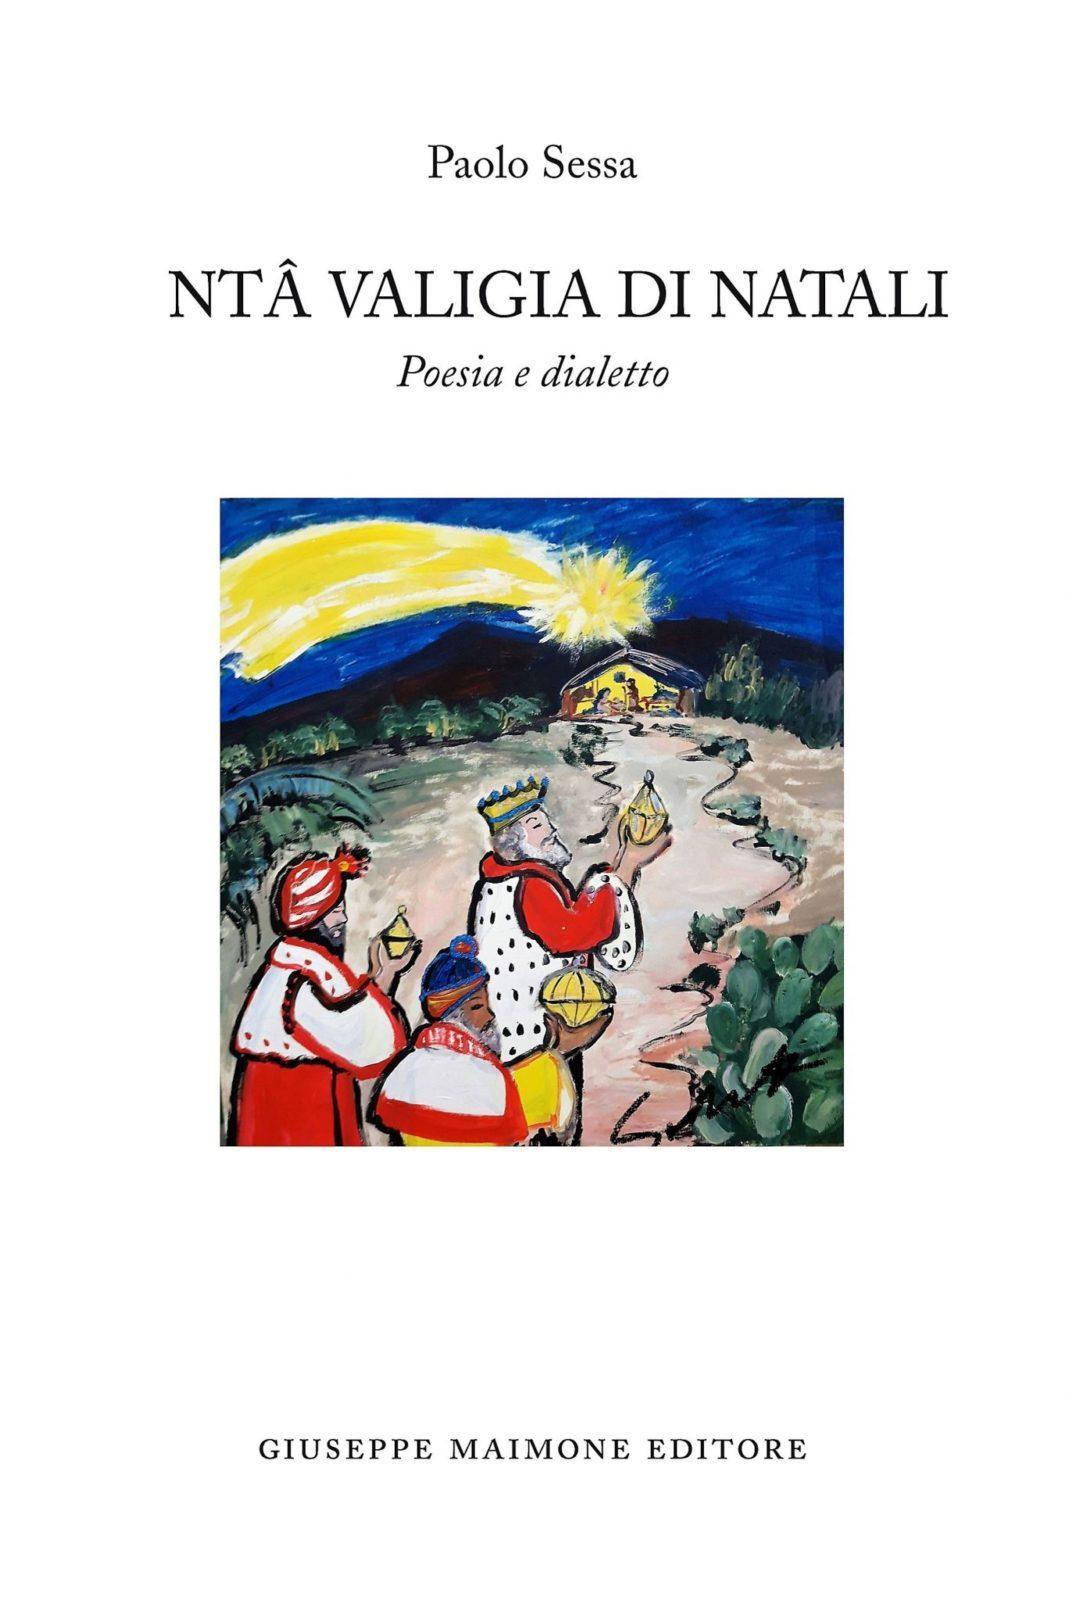 Poesie Di Natale In Dialetto Siciliano.Paolo Sessa Omaggia Il Dialetto Siciliano Con Nta Valigia Di Natali